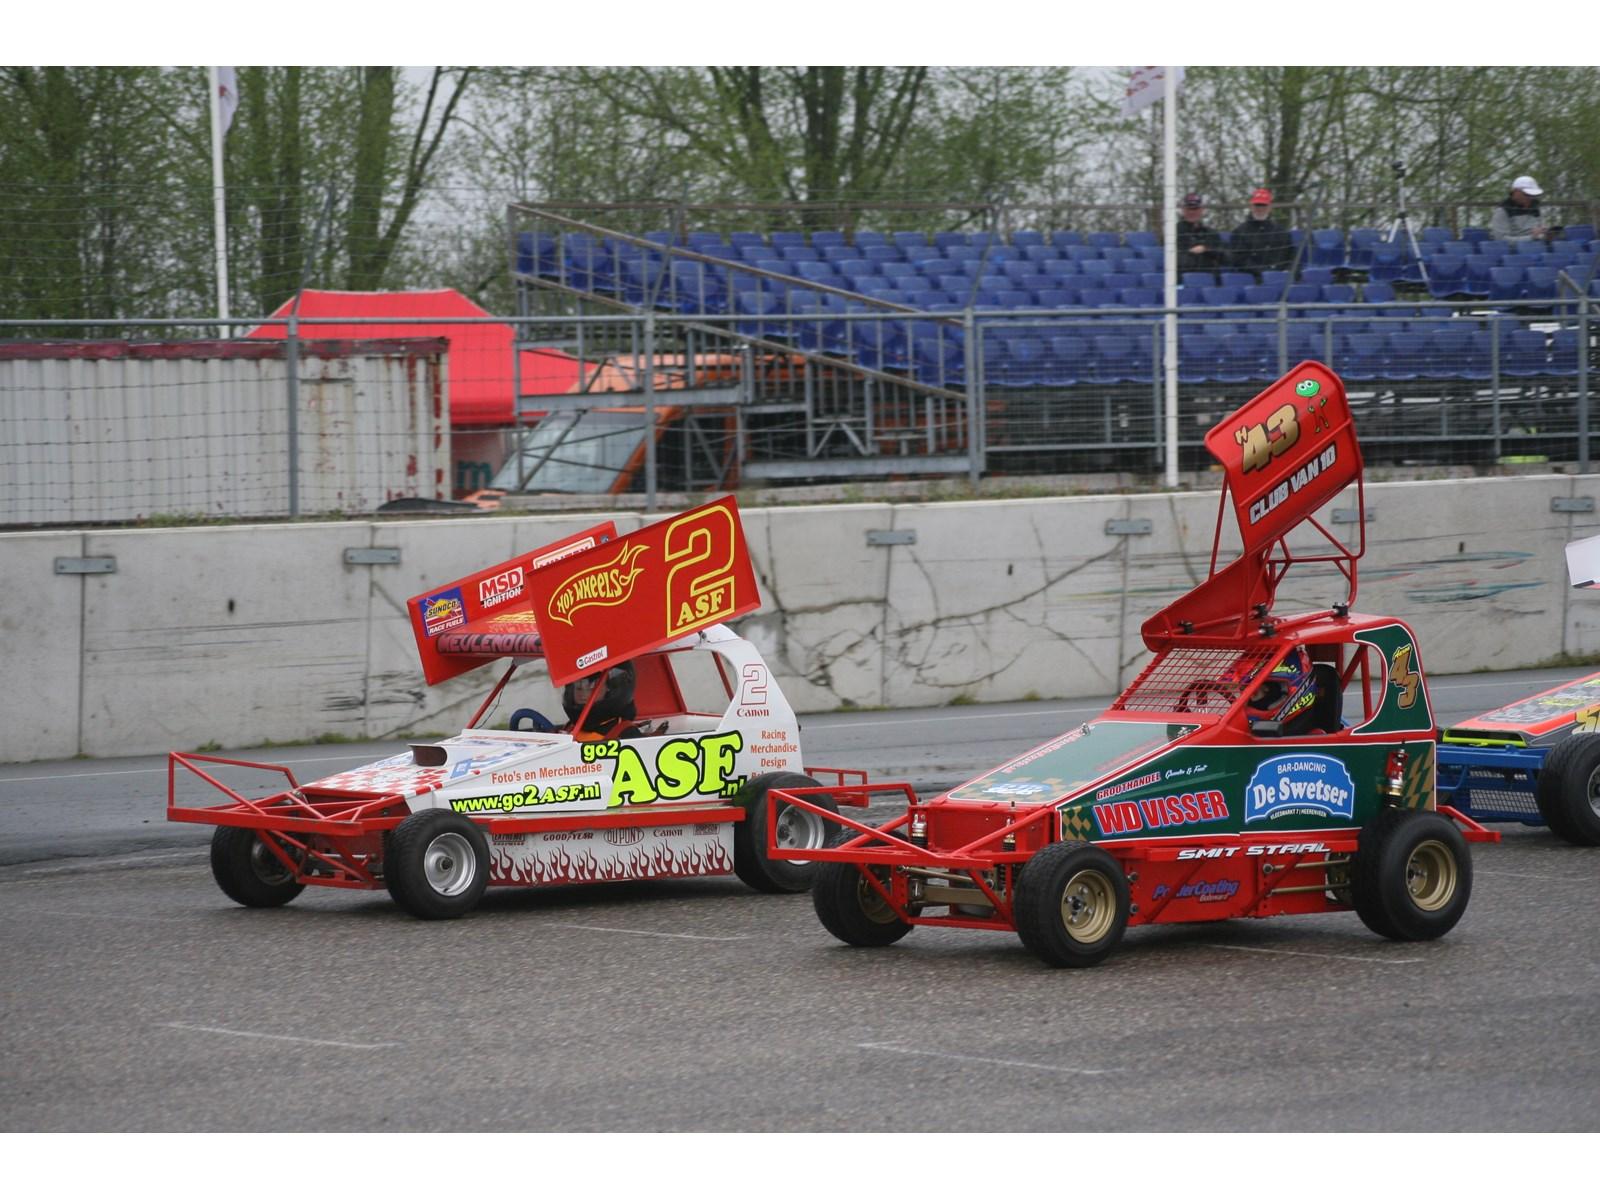 F3 Stockcar Te Koop Asf Racing